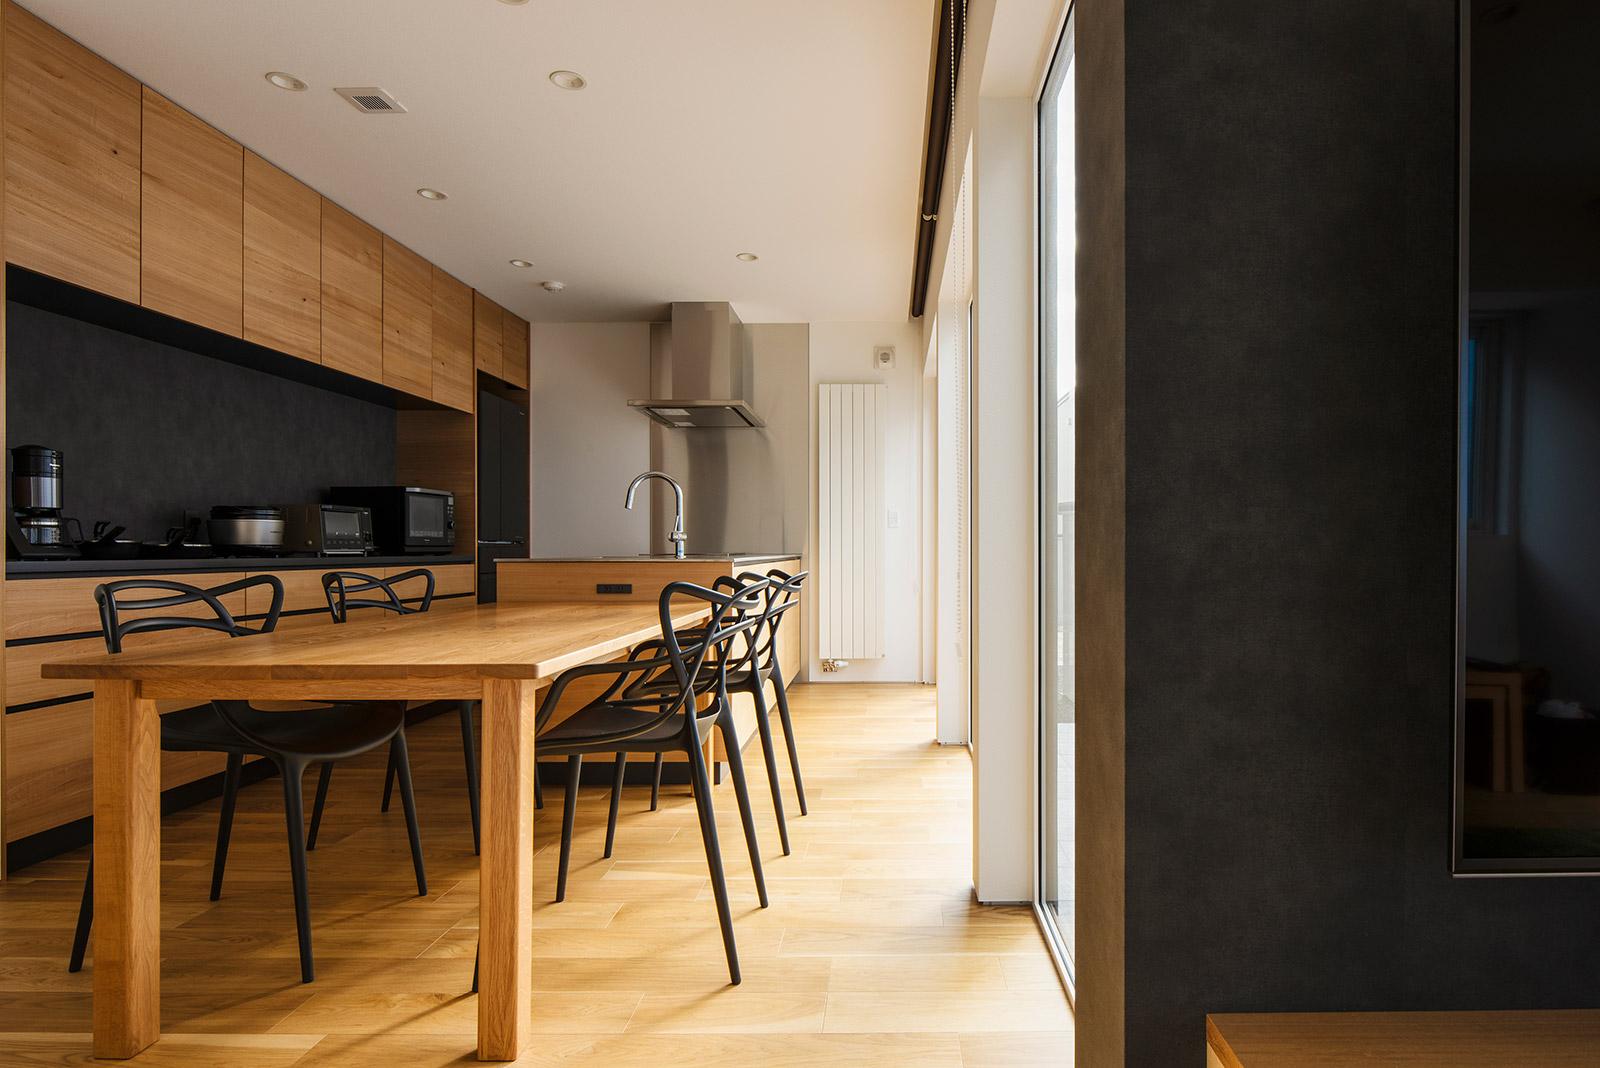 中庭を一望できる明るいダイニング・キッチンは、ご夫妻のお気に入り。大開口で中庭とつながることで、空間に心地よい広がりが生まれた。造作キッチンには、ニレの面材とステンレス、黒のアクセントウォールを採用。家事動線に合わせた収納プランが、美しさと使い勝手の良さを両立させている